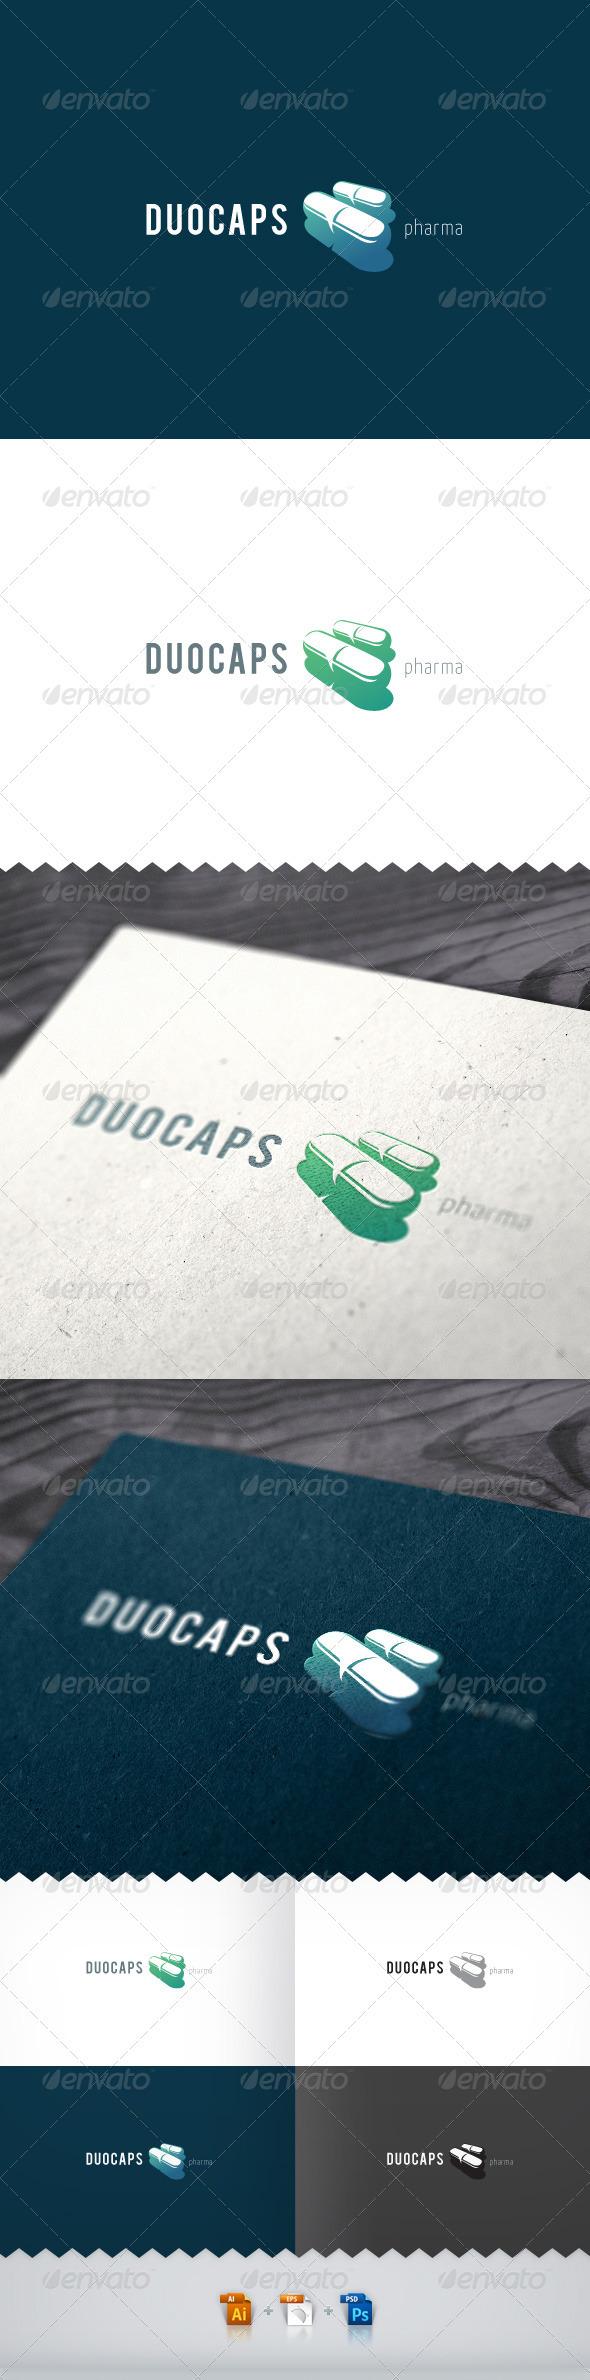 Duocaps Pharma Logo - Objects Logo Templates